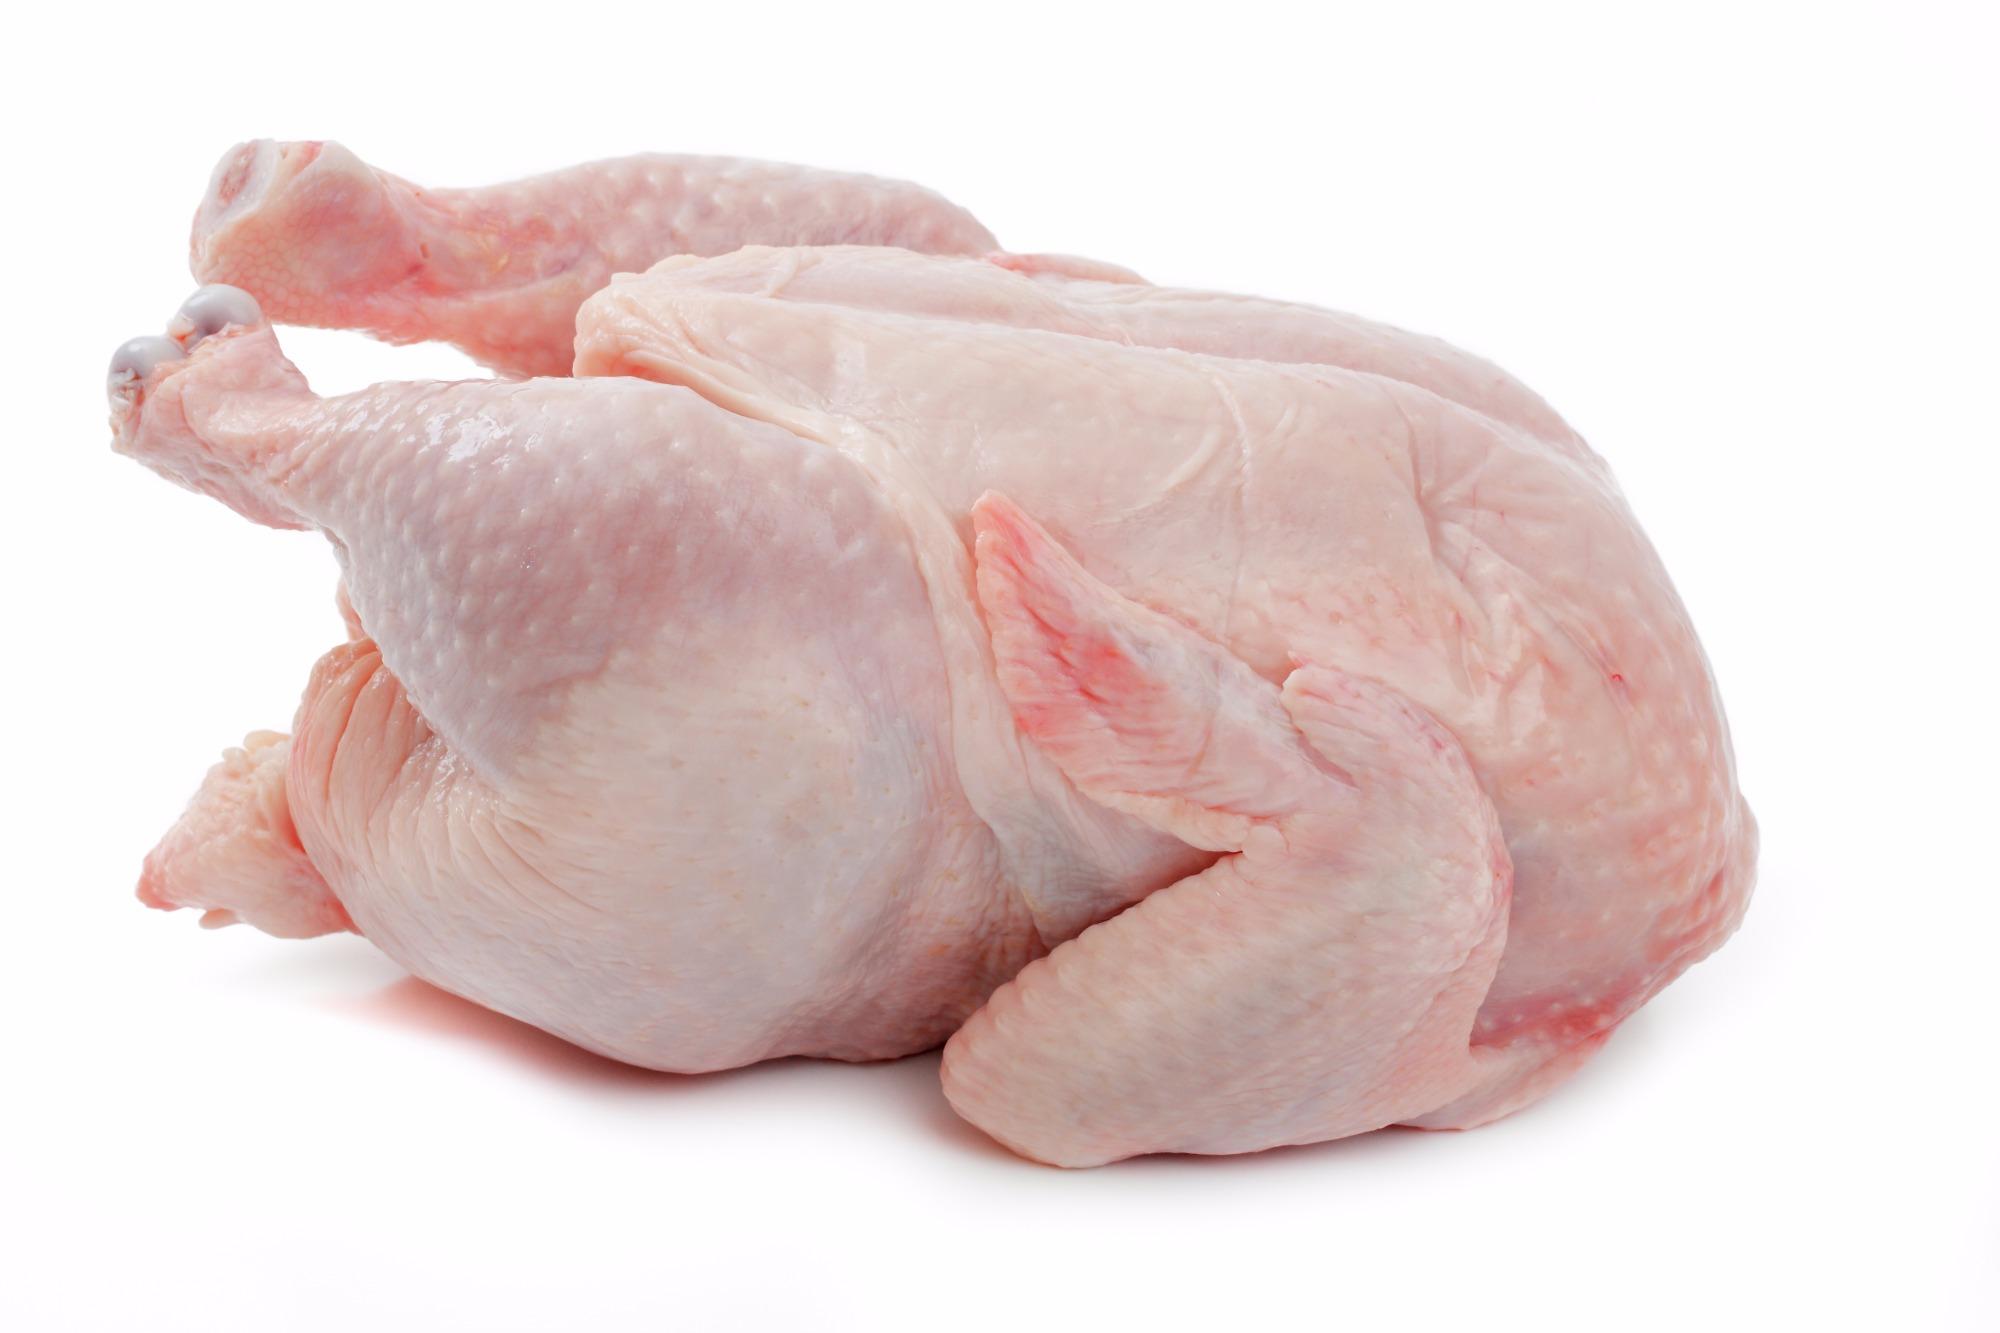 Na terceira semana do mês avicultura soma  170,7 mil toneladas embarcadas